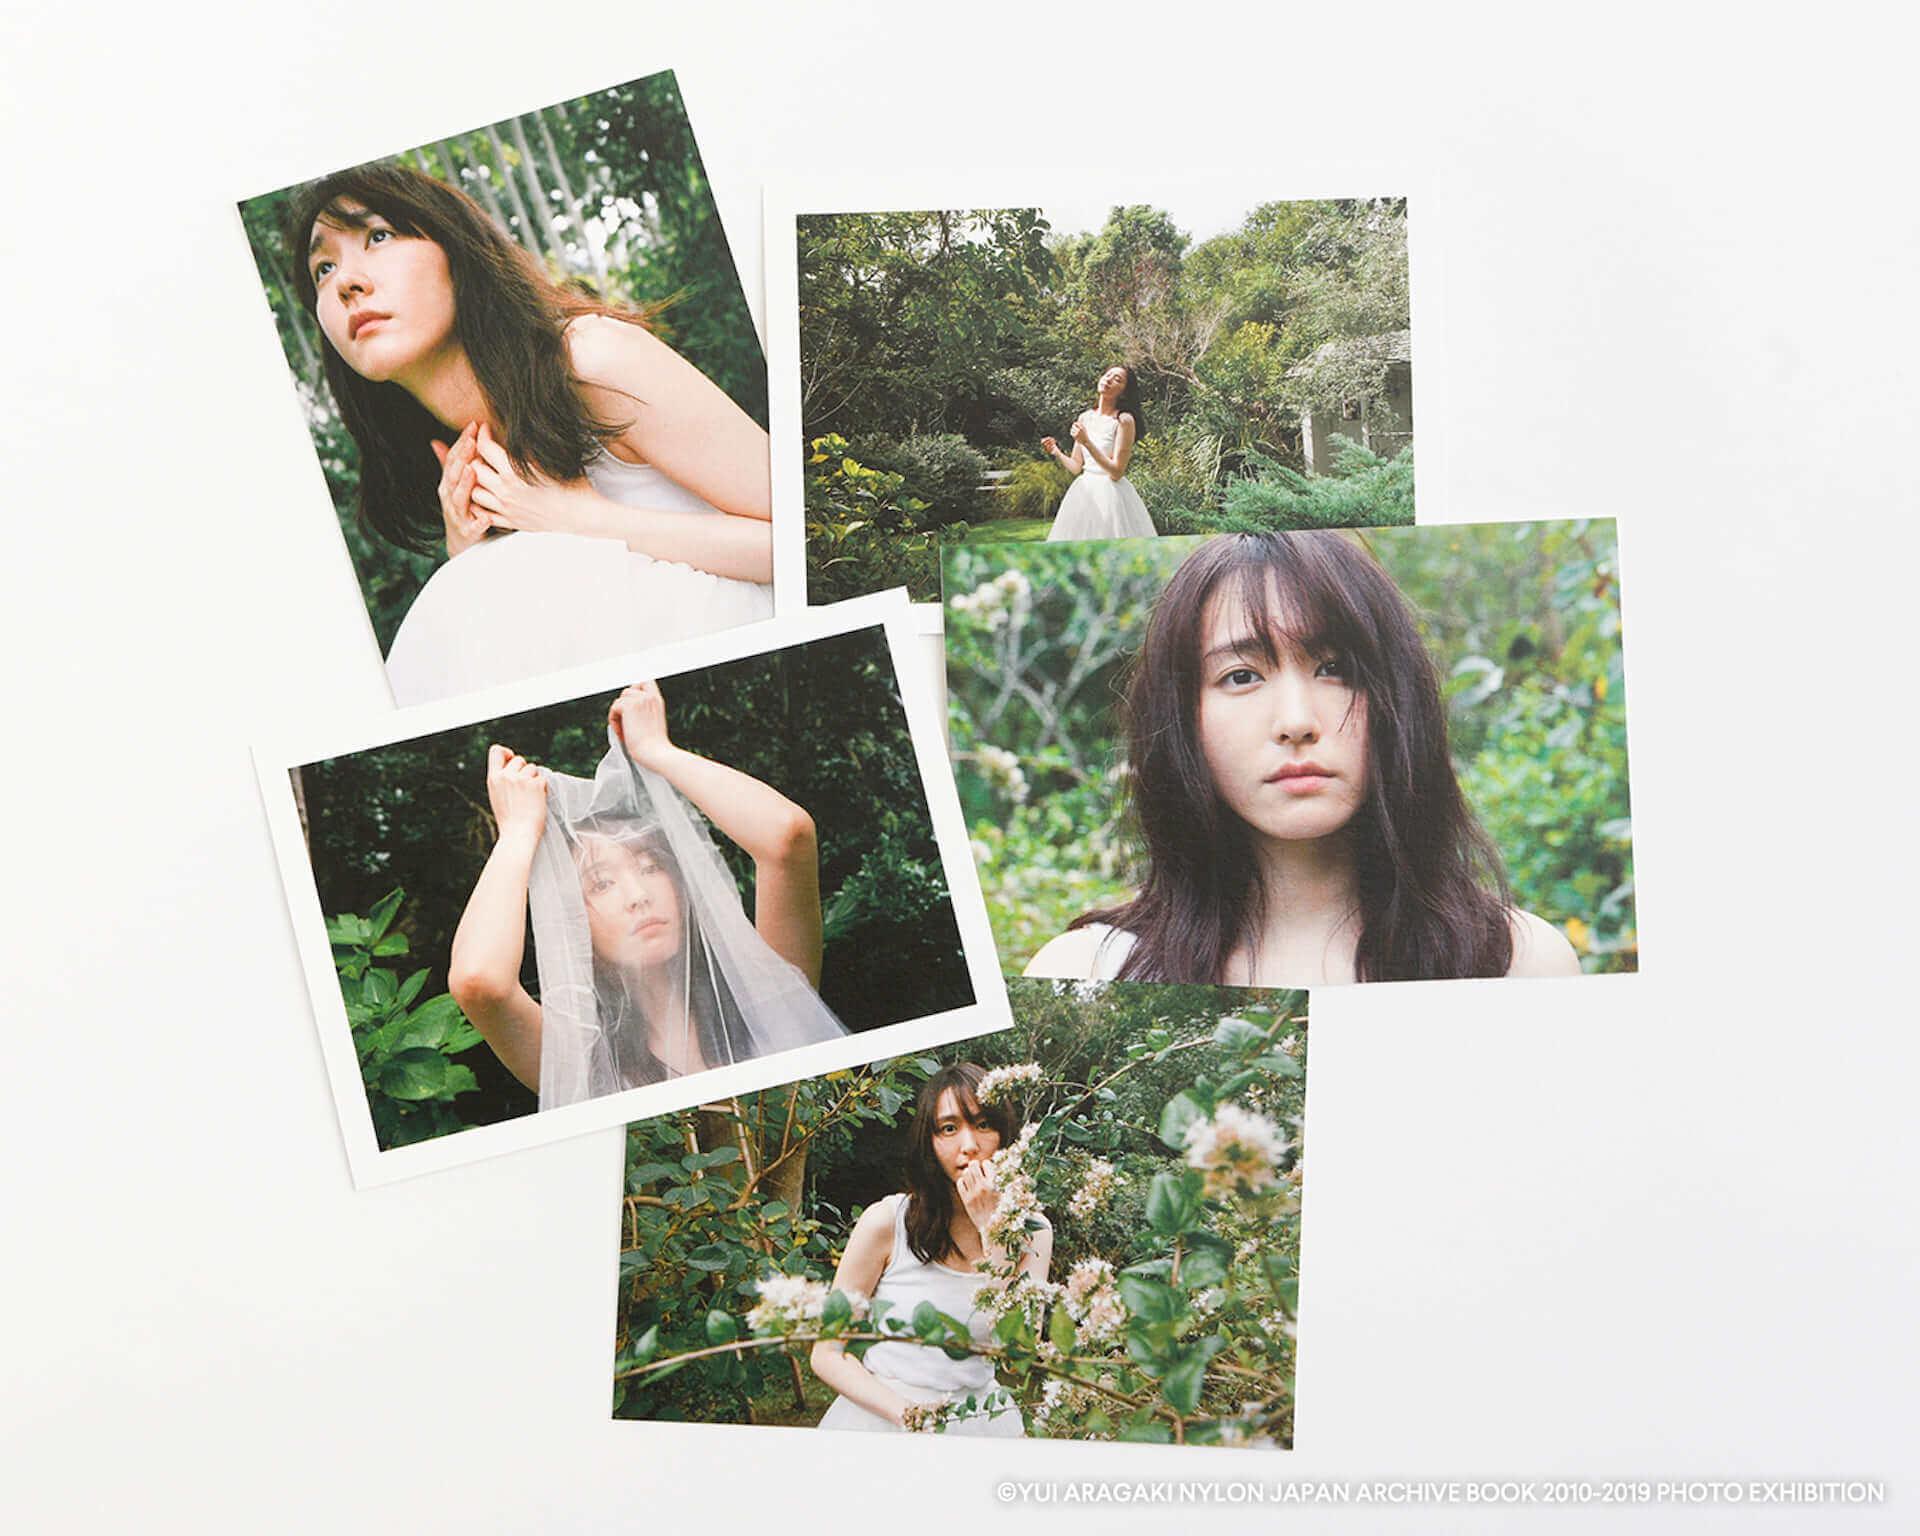 新垣結衣のNYLON JAPANでの軌跡を追った写真展が福岡、札幌、広島のPARCOでも開催決定!ガッキーマグカップの発売も art200909_aragakiyui_1